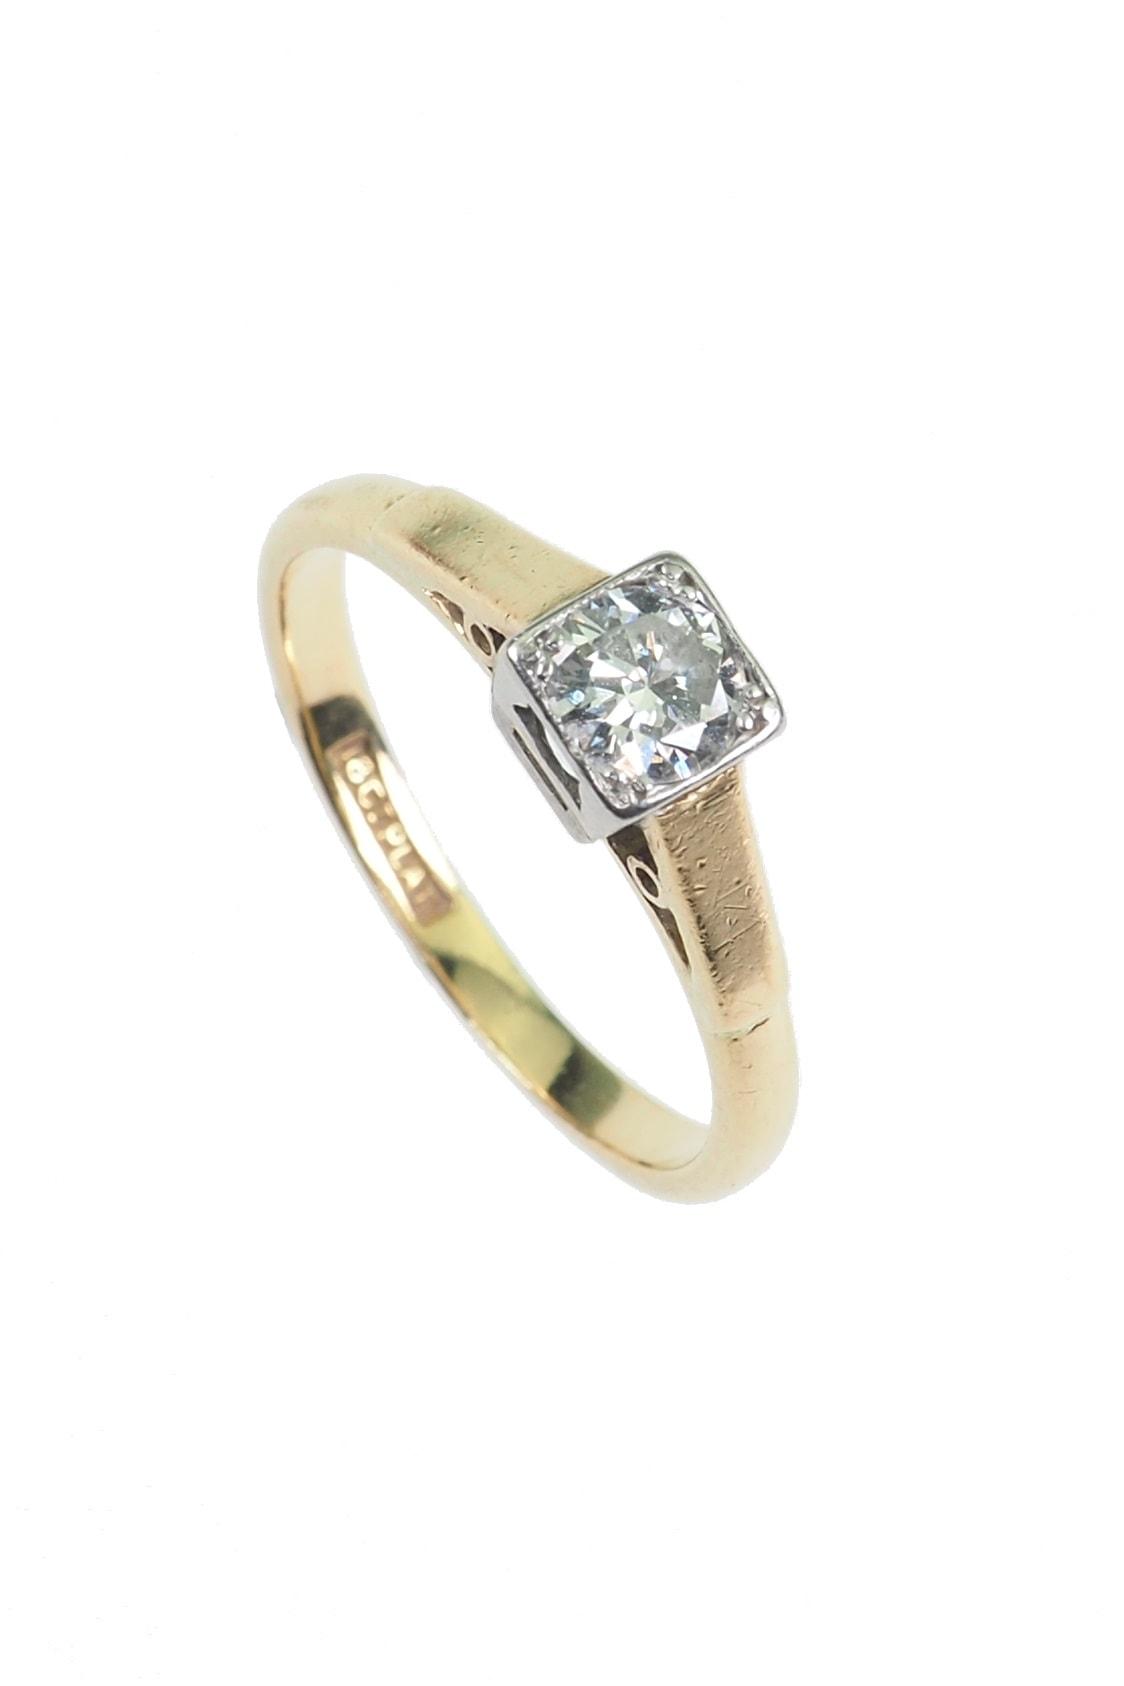 Diamantringe-online-kaufen-1683a